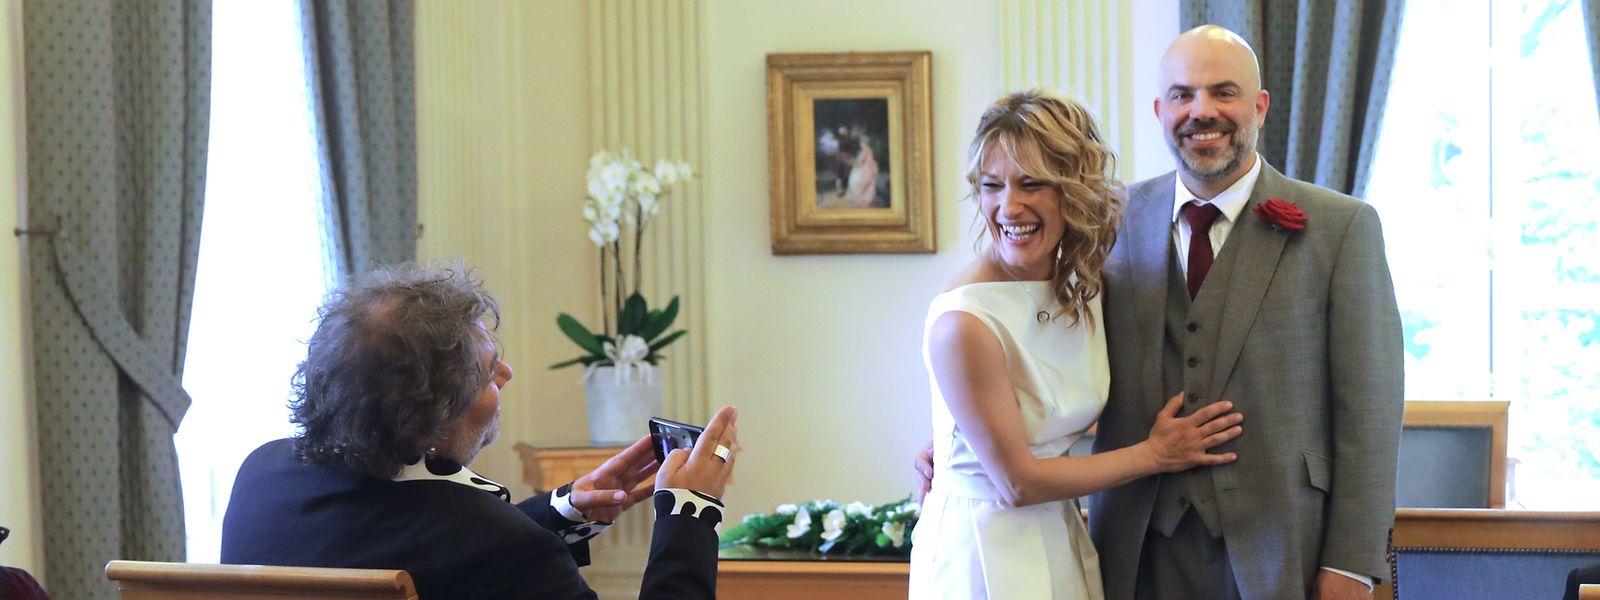 Ein Foto fürs Familienalbum: Serge Tonnar (l.) knipst das Brautpaar.